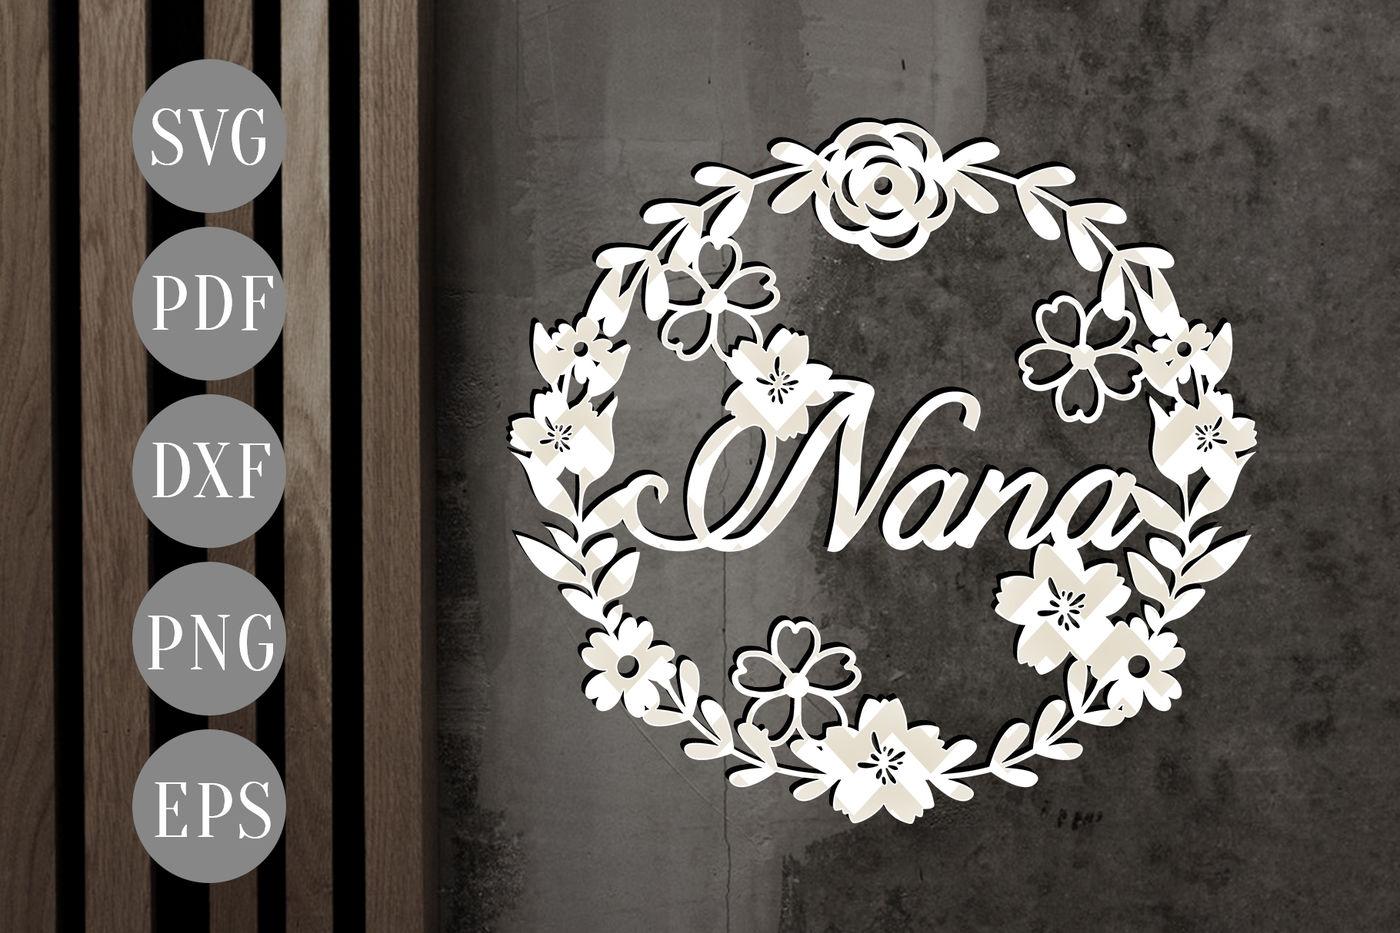 Nana Wreath Svg Papercut Template Grandma Cutting File Dxf Pdf